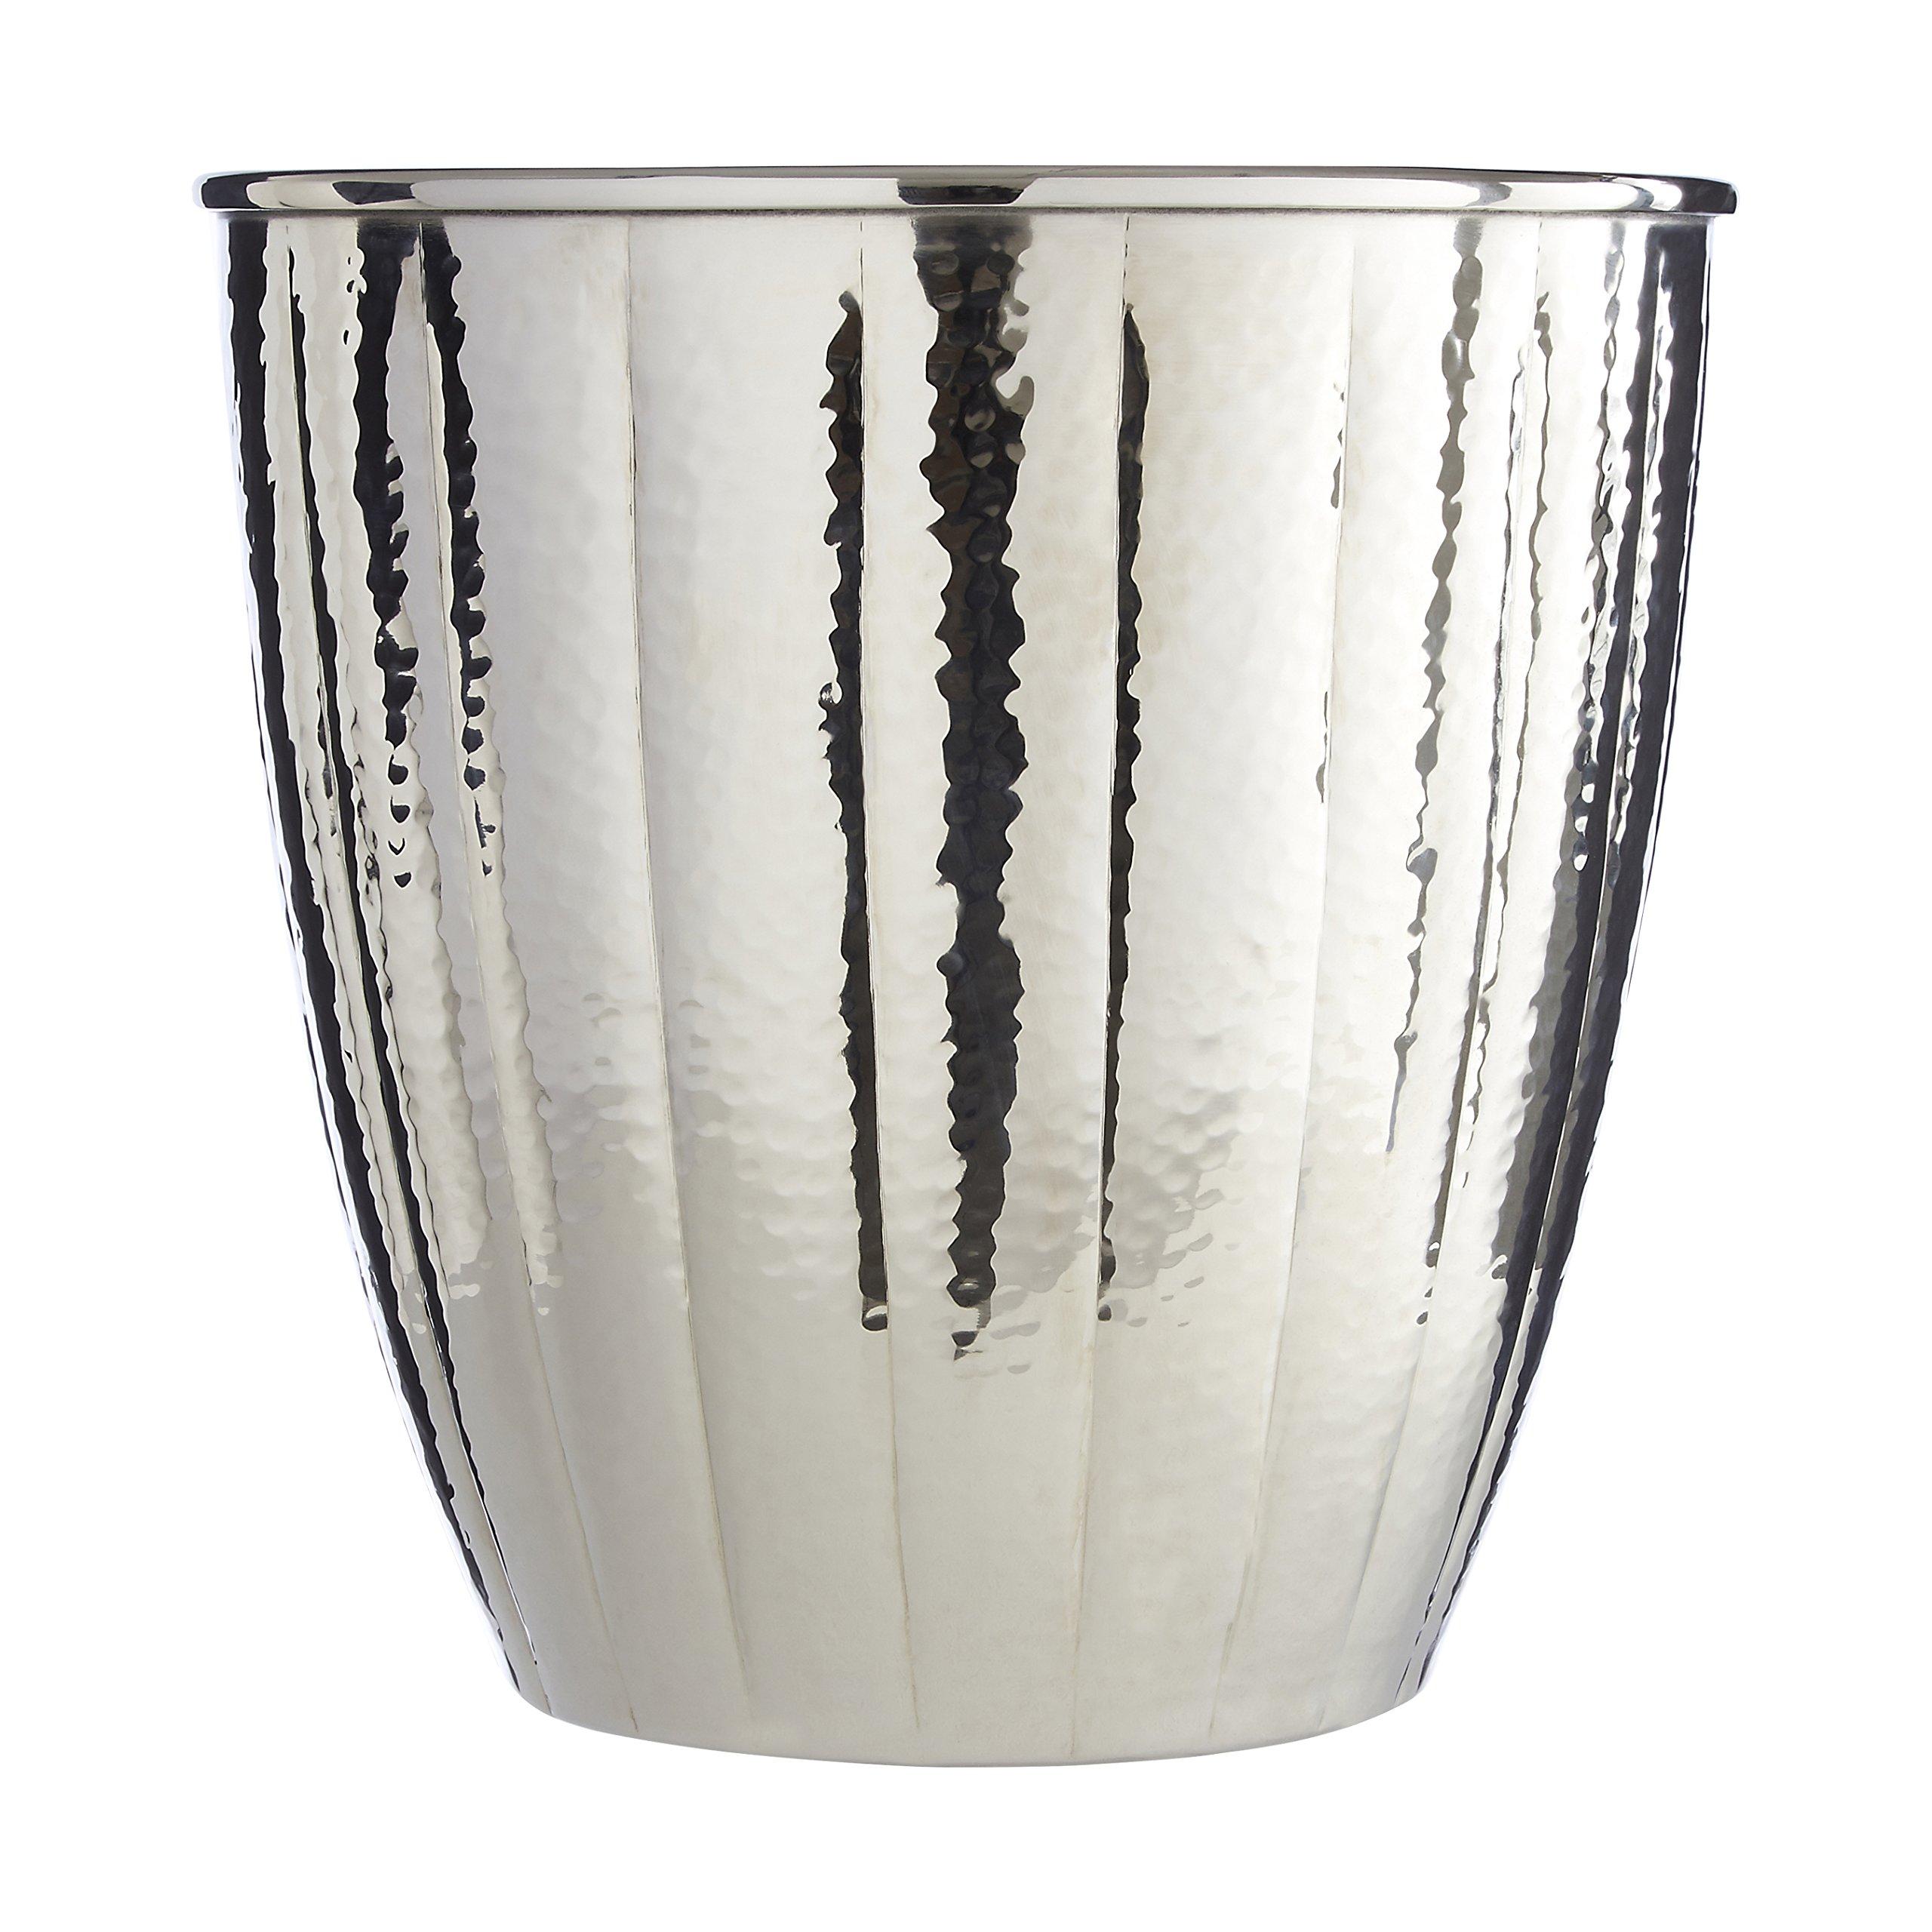 Premium Housewares Hammered Effect Waste Bin, Nickel Finish, 23 x 23 x 23 cm